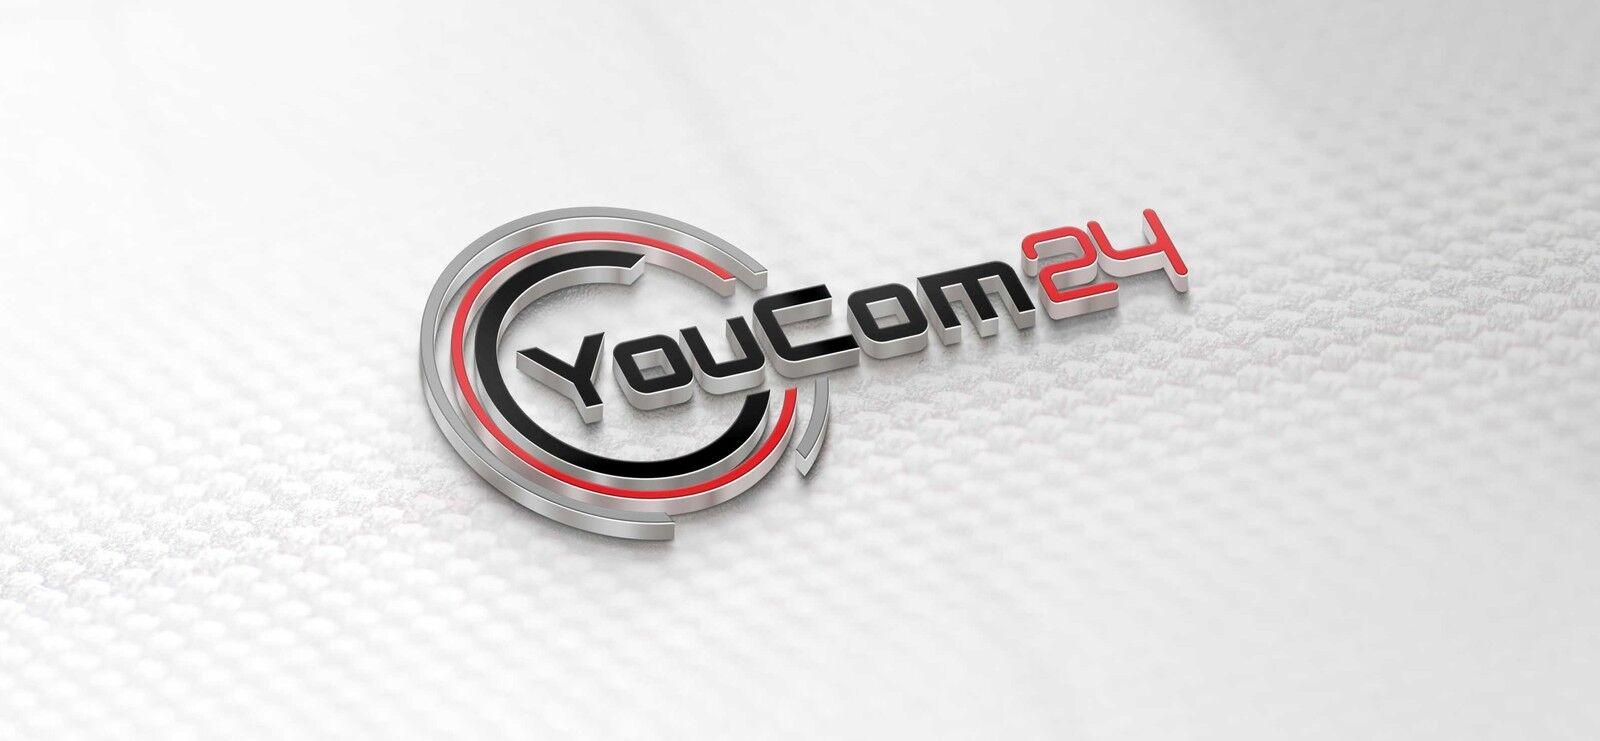 YouCom24